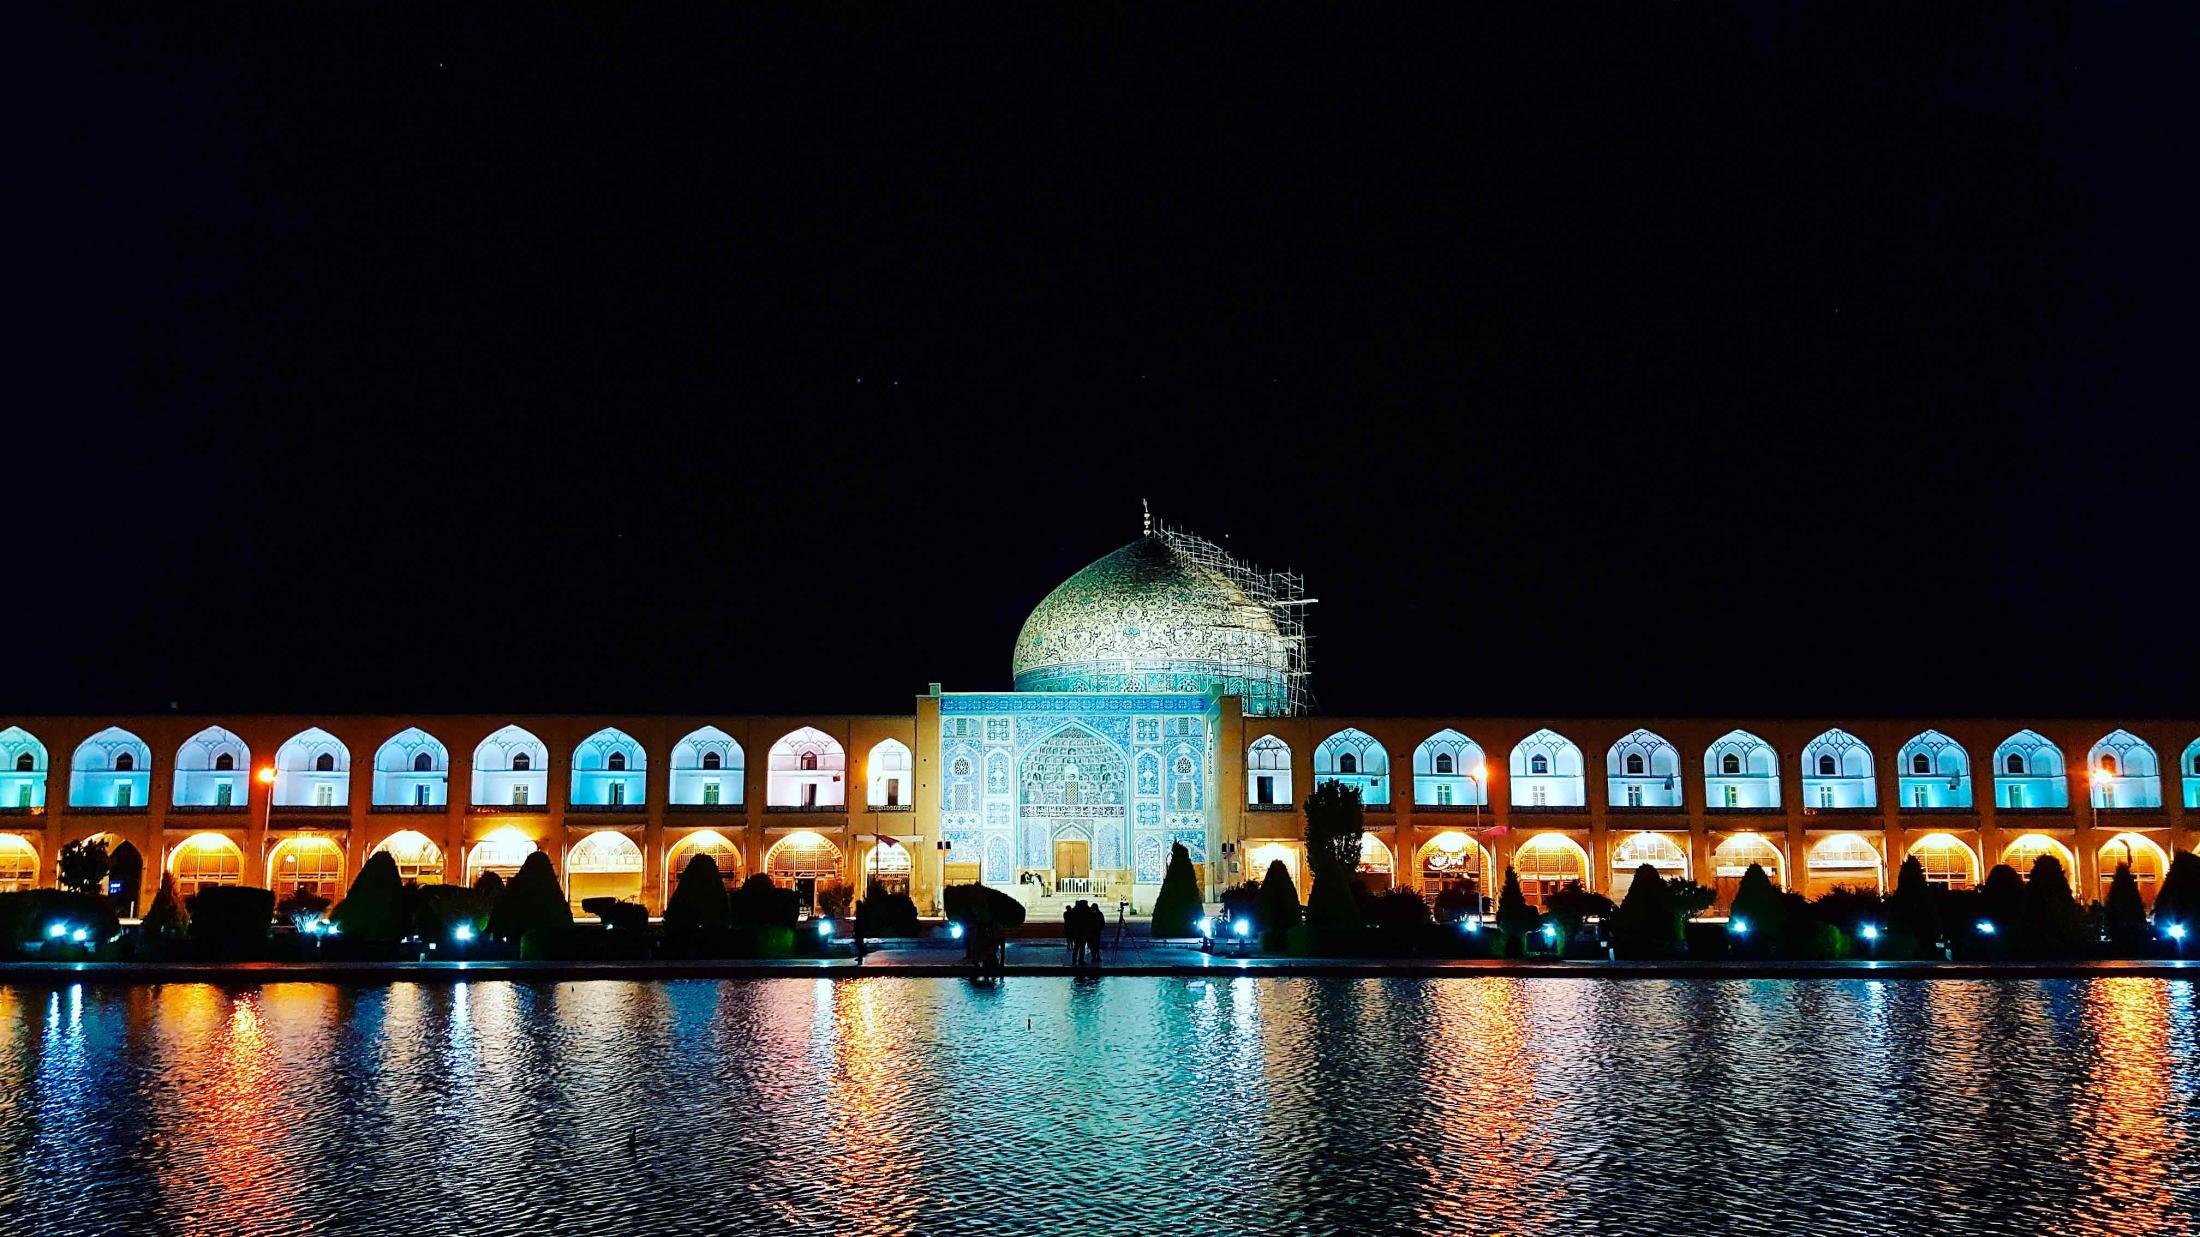 #sheikh lotfollah mosque, naqsh-e-jahan square, #isfahān